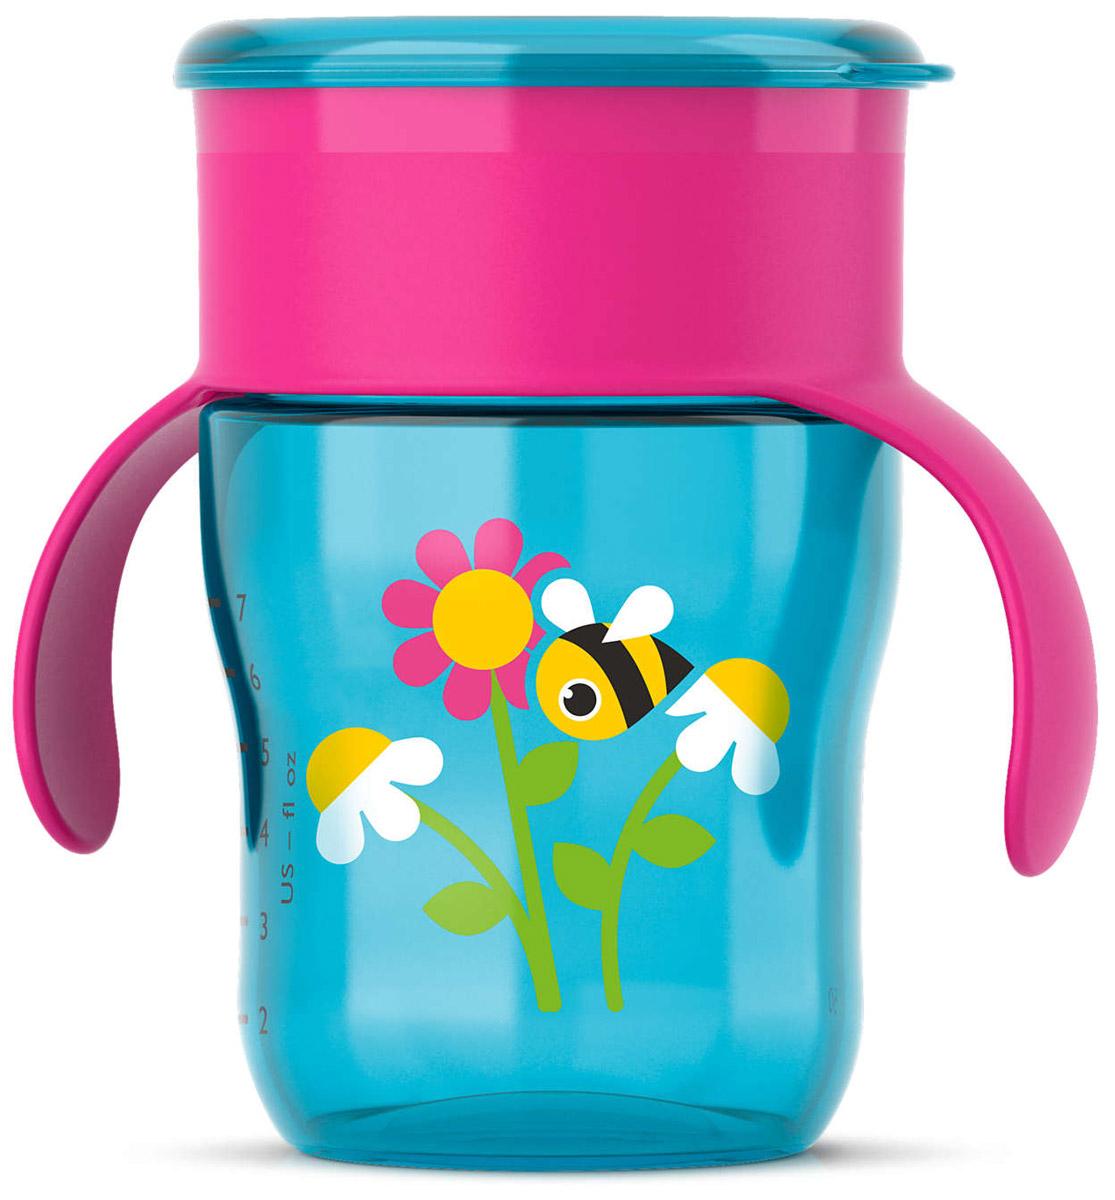 Philips Avent Чашка-поильник от 12 месяцев цвет голубой фуксия 260 мл пчелка SCF782/20 philips avent кружка поильник scf782 с 12 мес